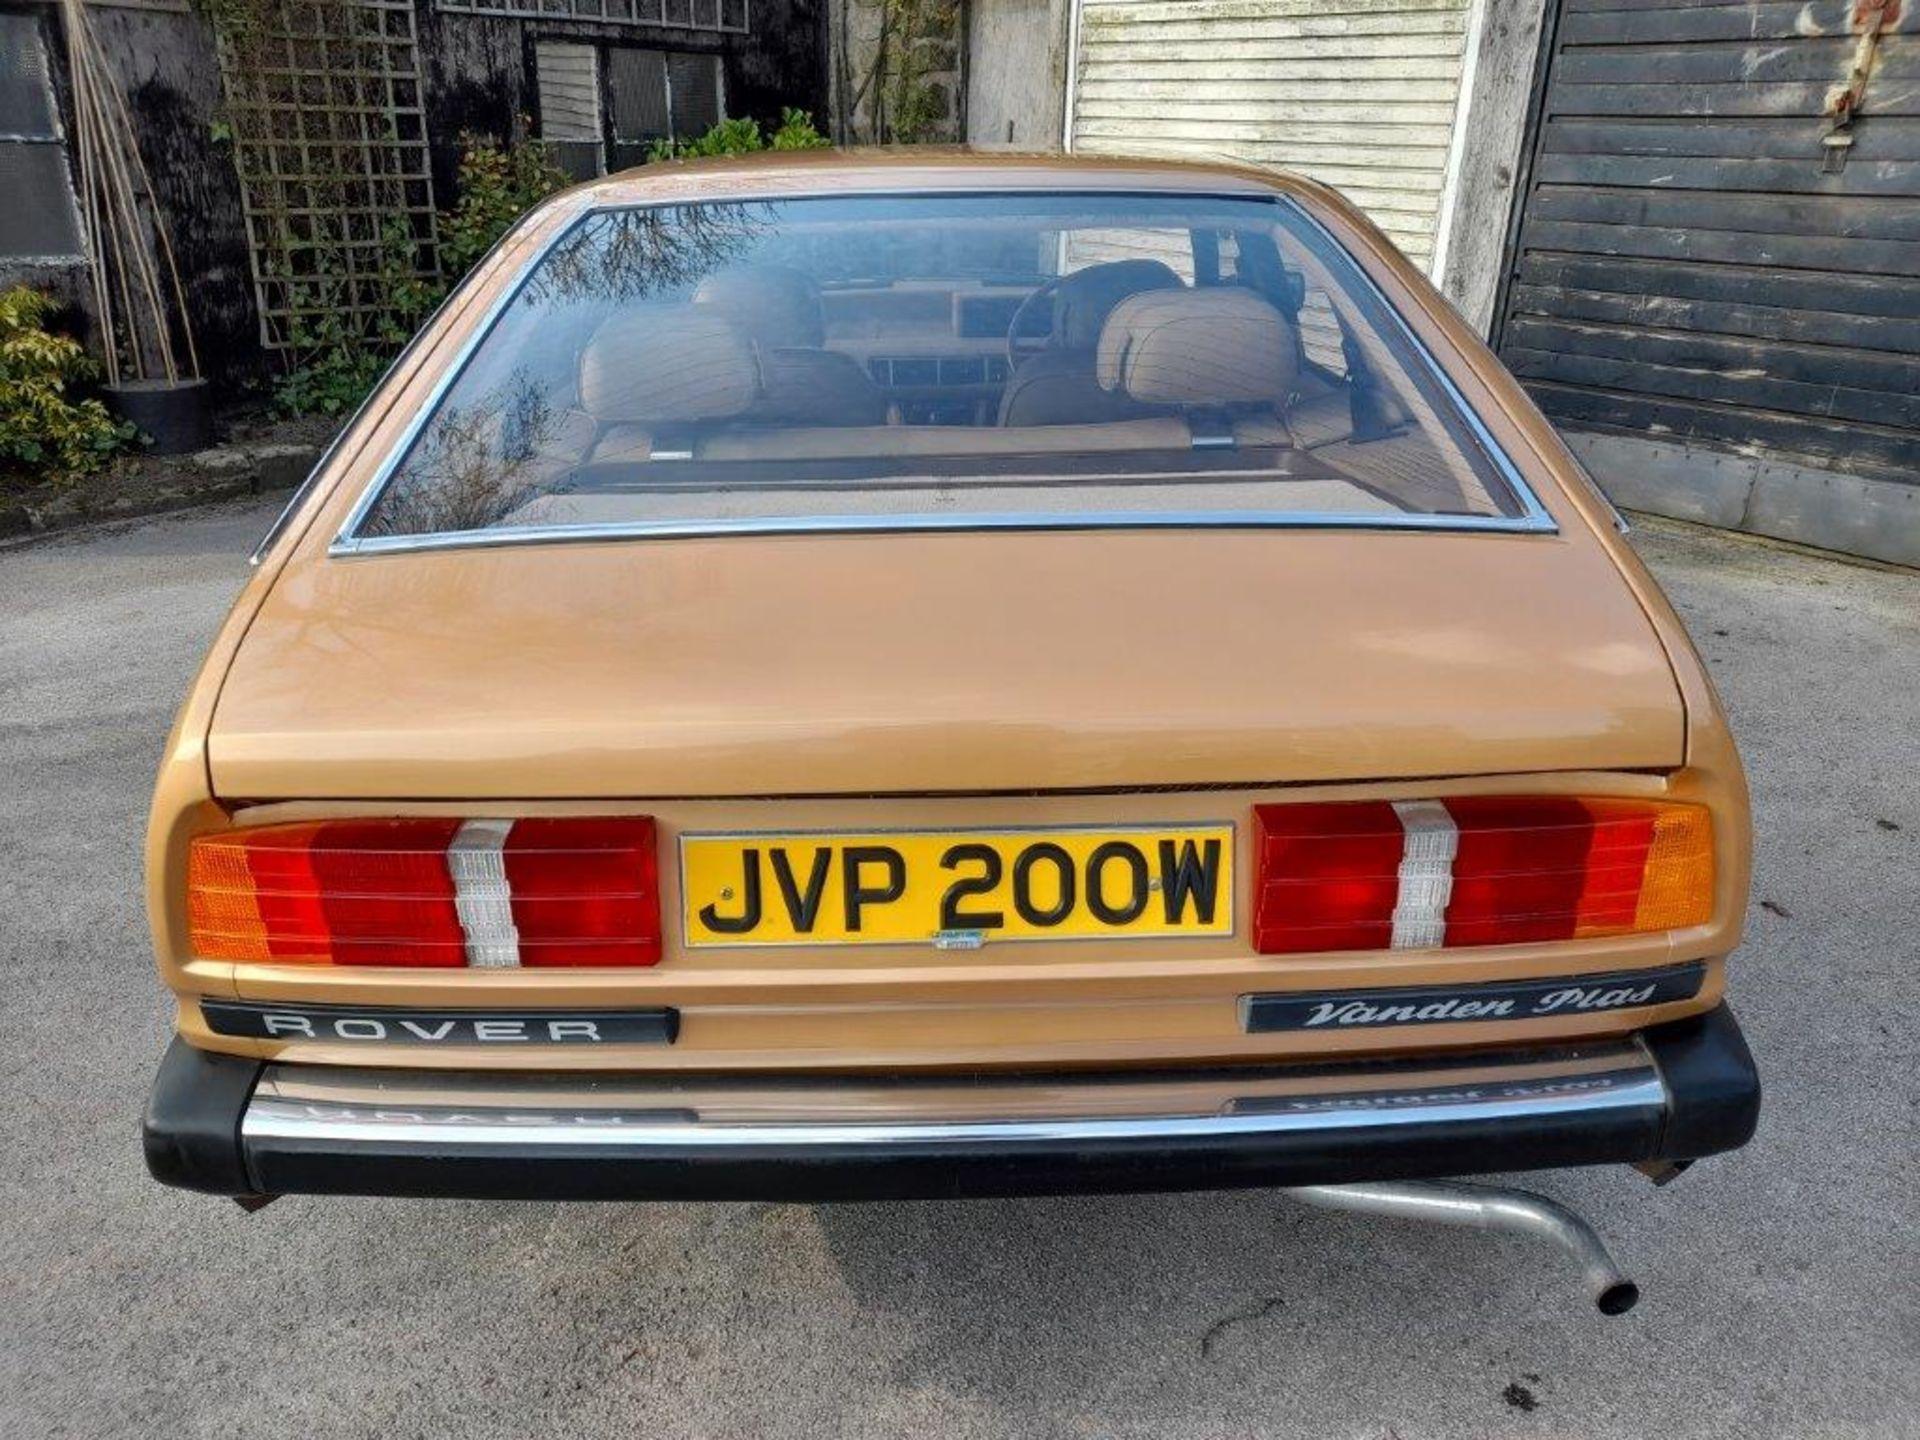 1981 Rover SD1 3500 Vanden Plas - Image 4 of 6